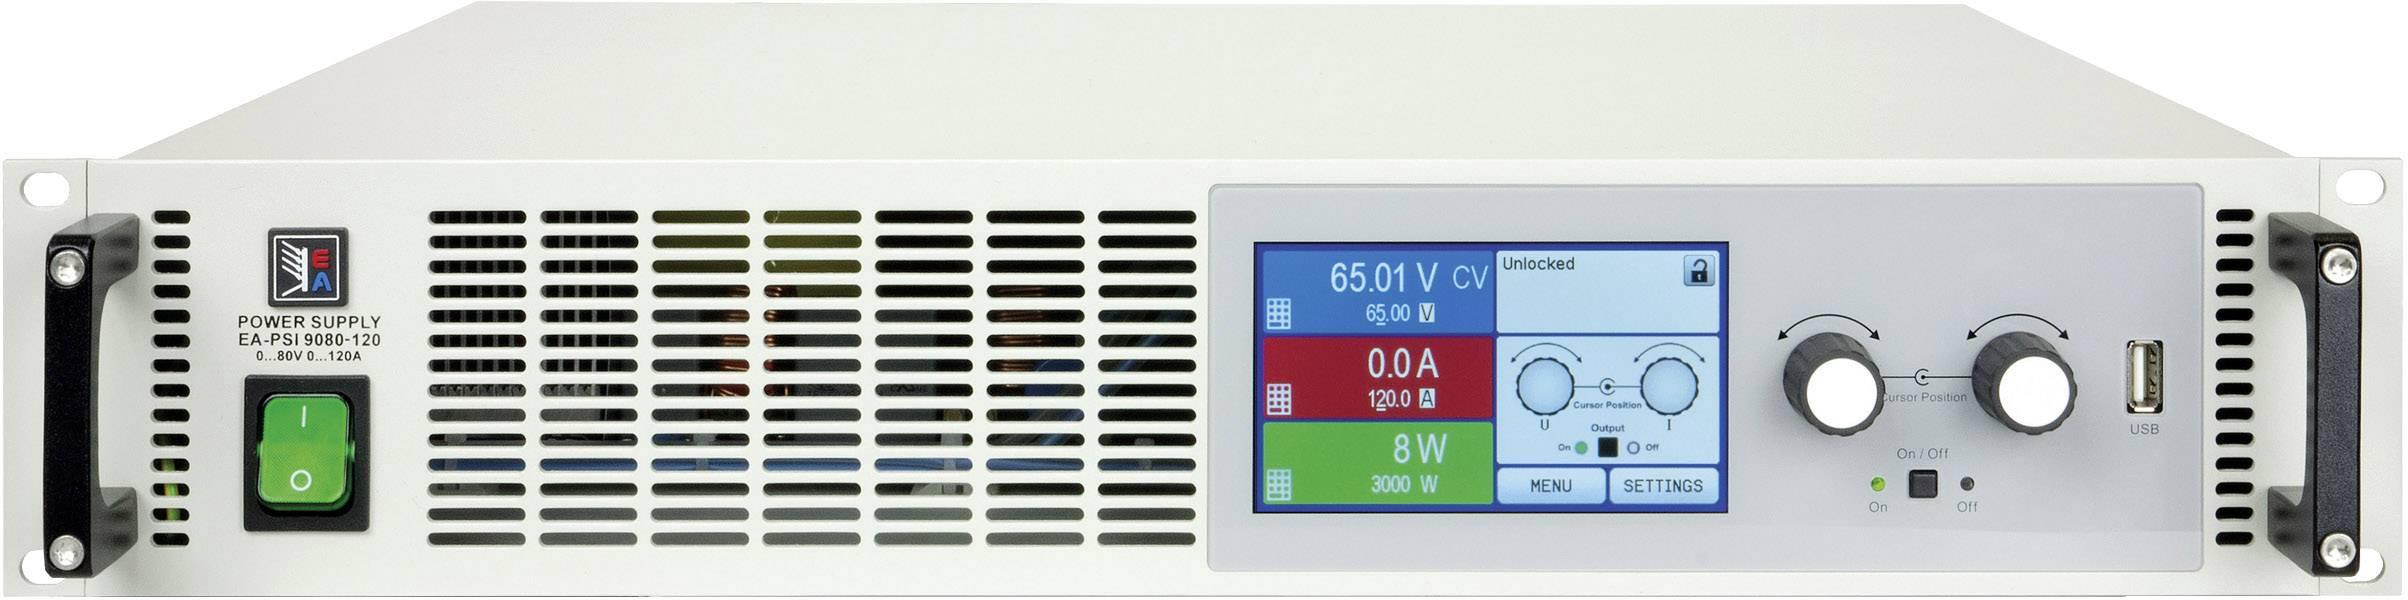 Programovatelný laboratorní zdroj EA EA-PSI 9040-40, 2U, 40 V, 40 A, 1000 W, USB